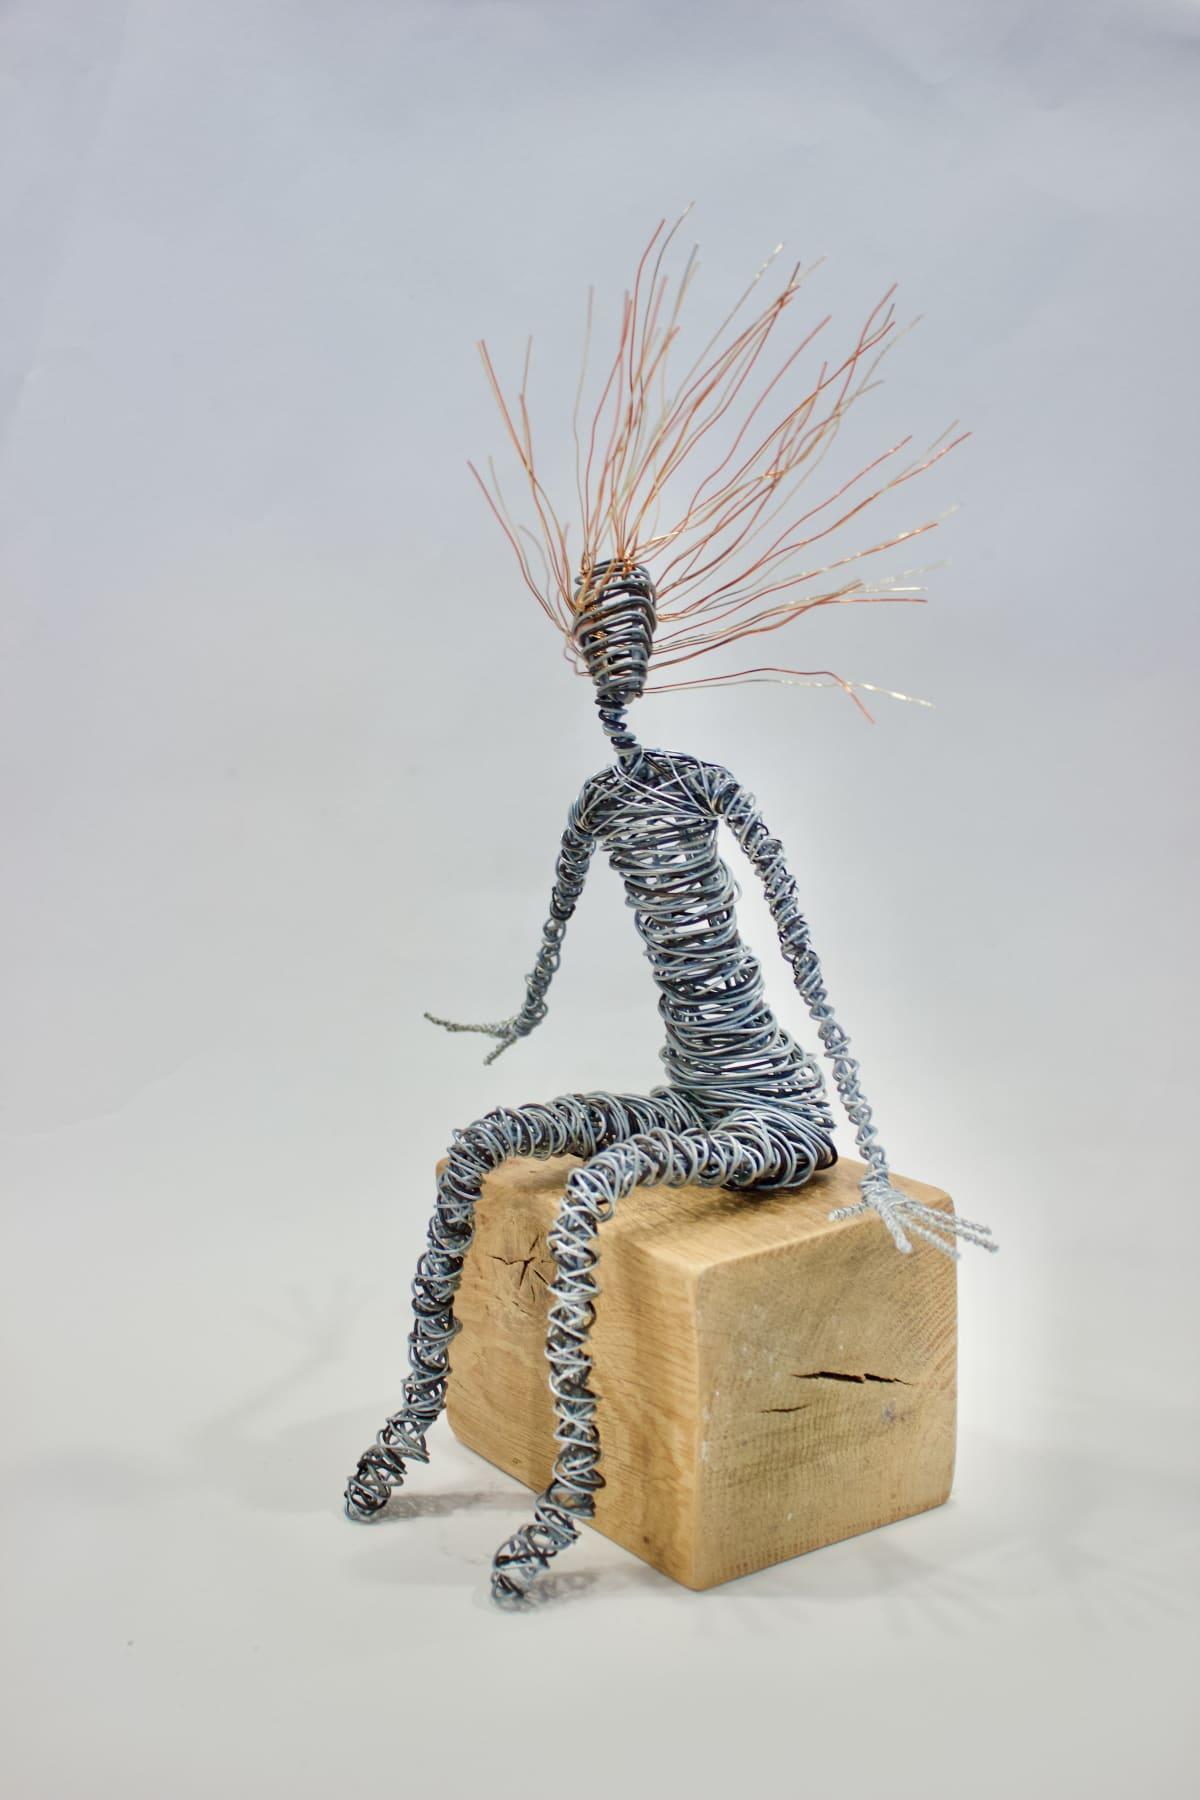 Rachel Ducker Sitting, 2019 Wire Sculpture 36 x 16 x 16 cm 14 1/8 x 6 1/4 x 6 1/4 in